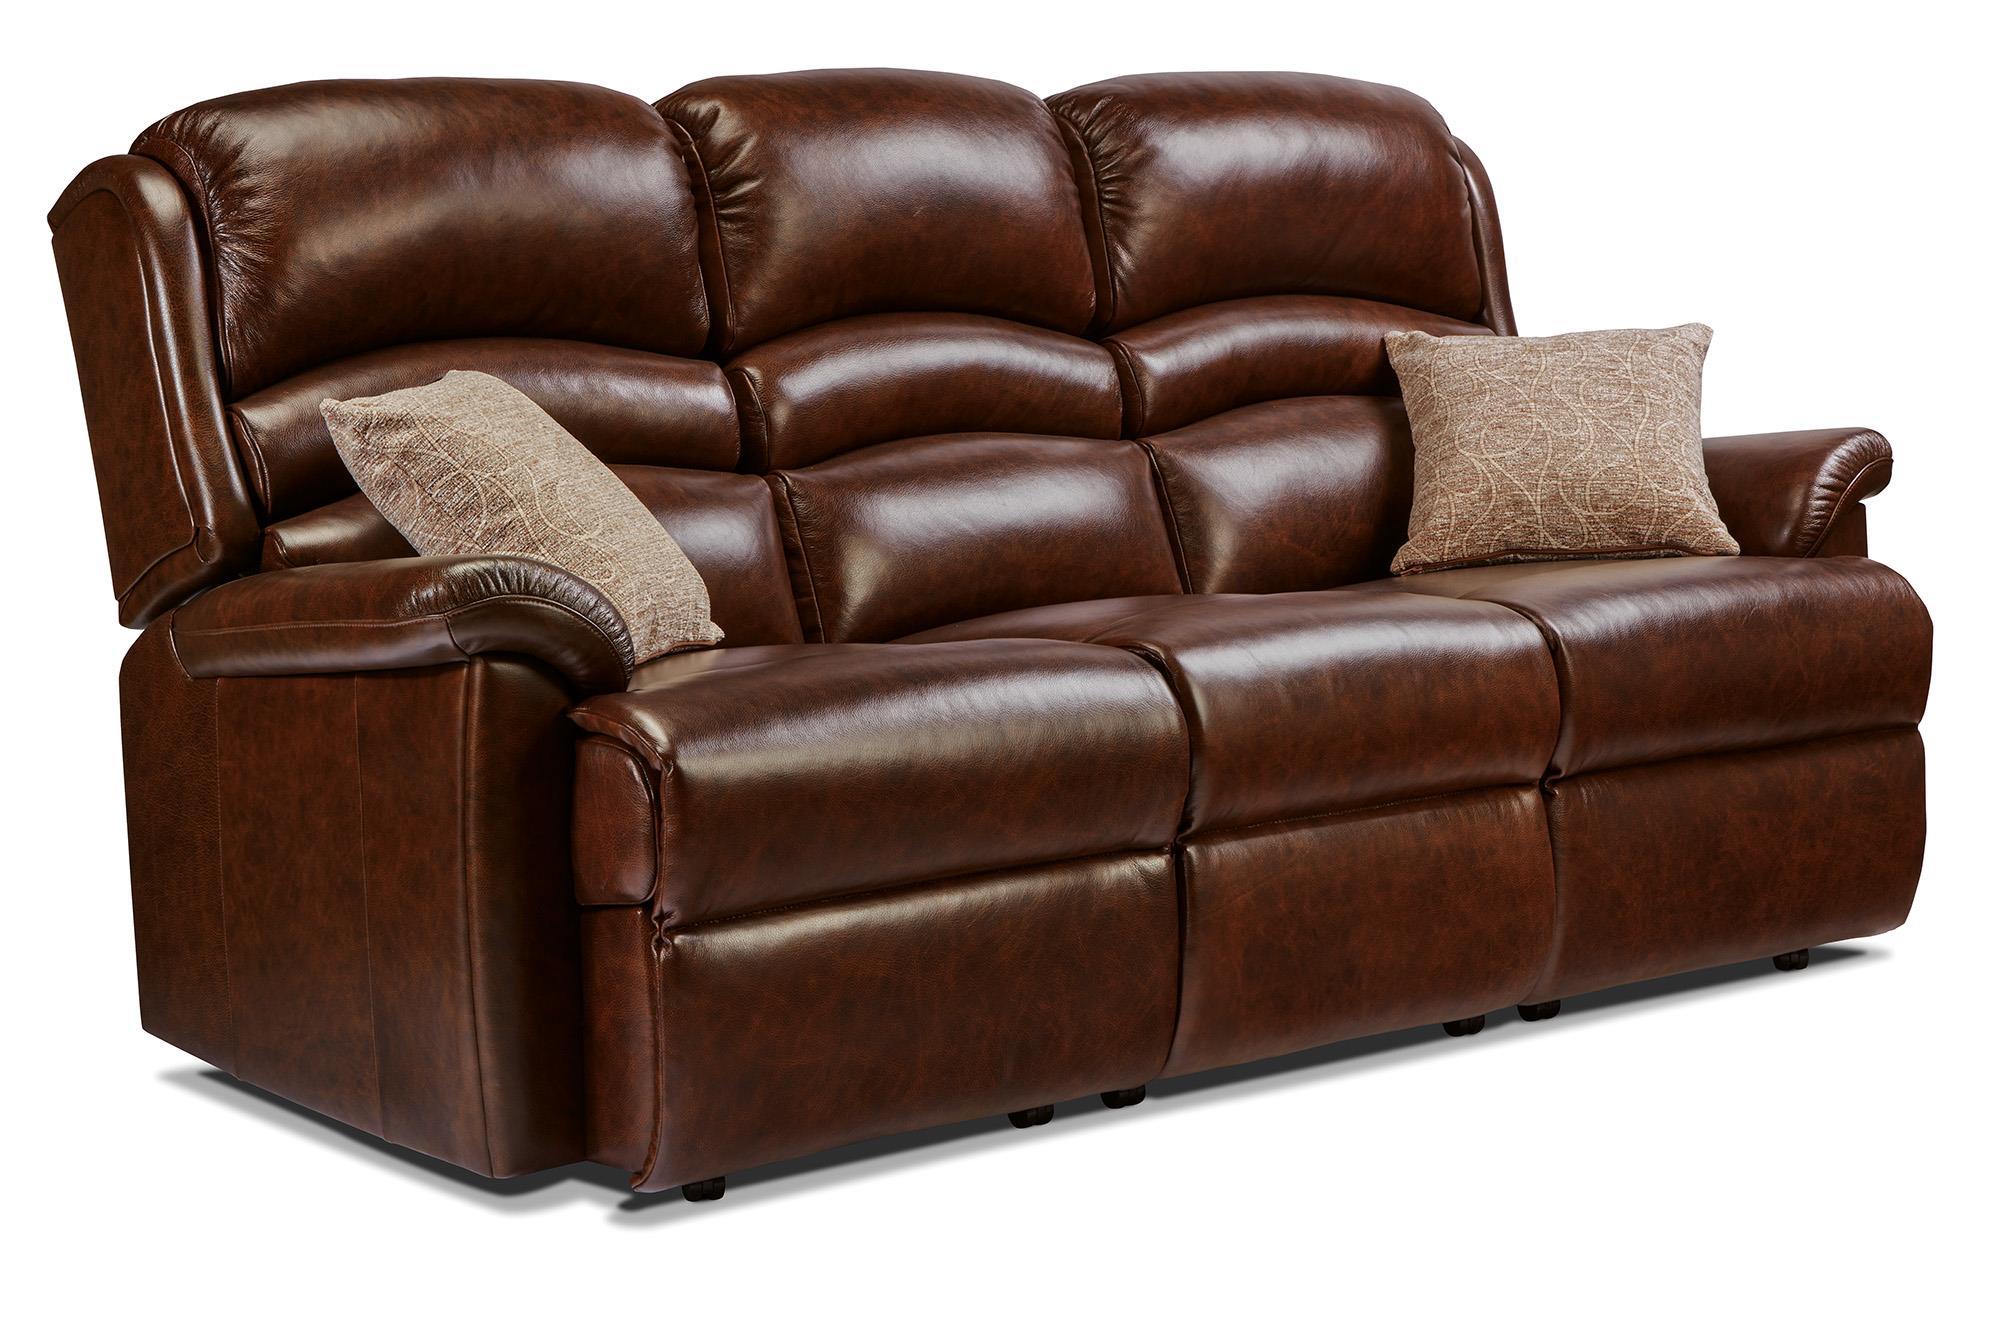 OLIVIA - 3 Seater Leather Settee